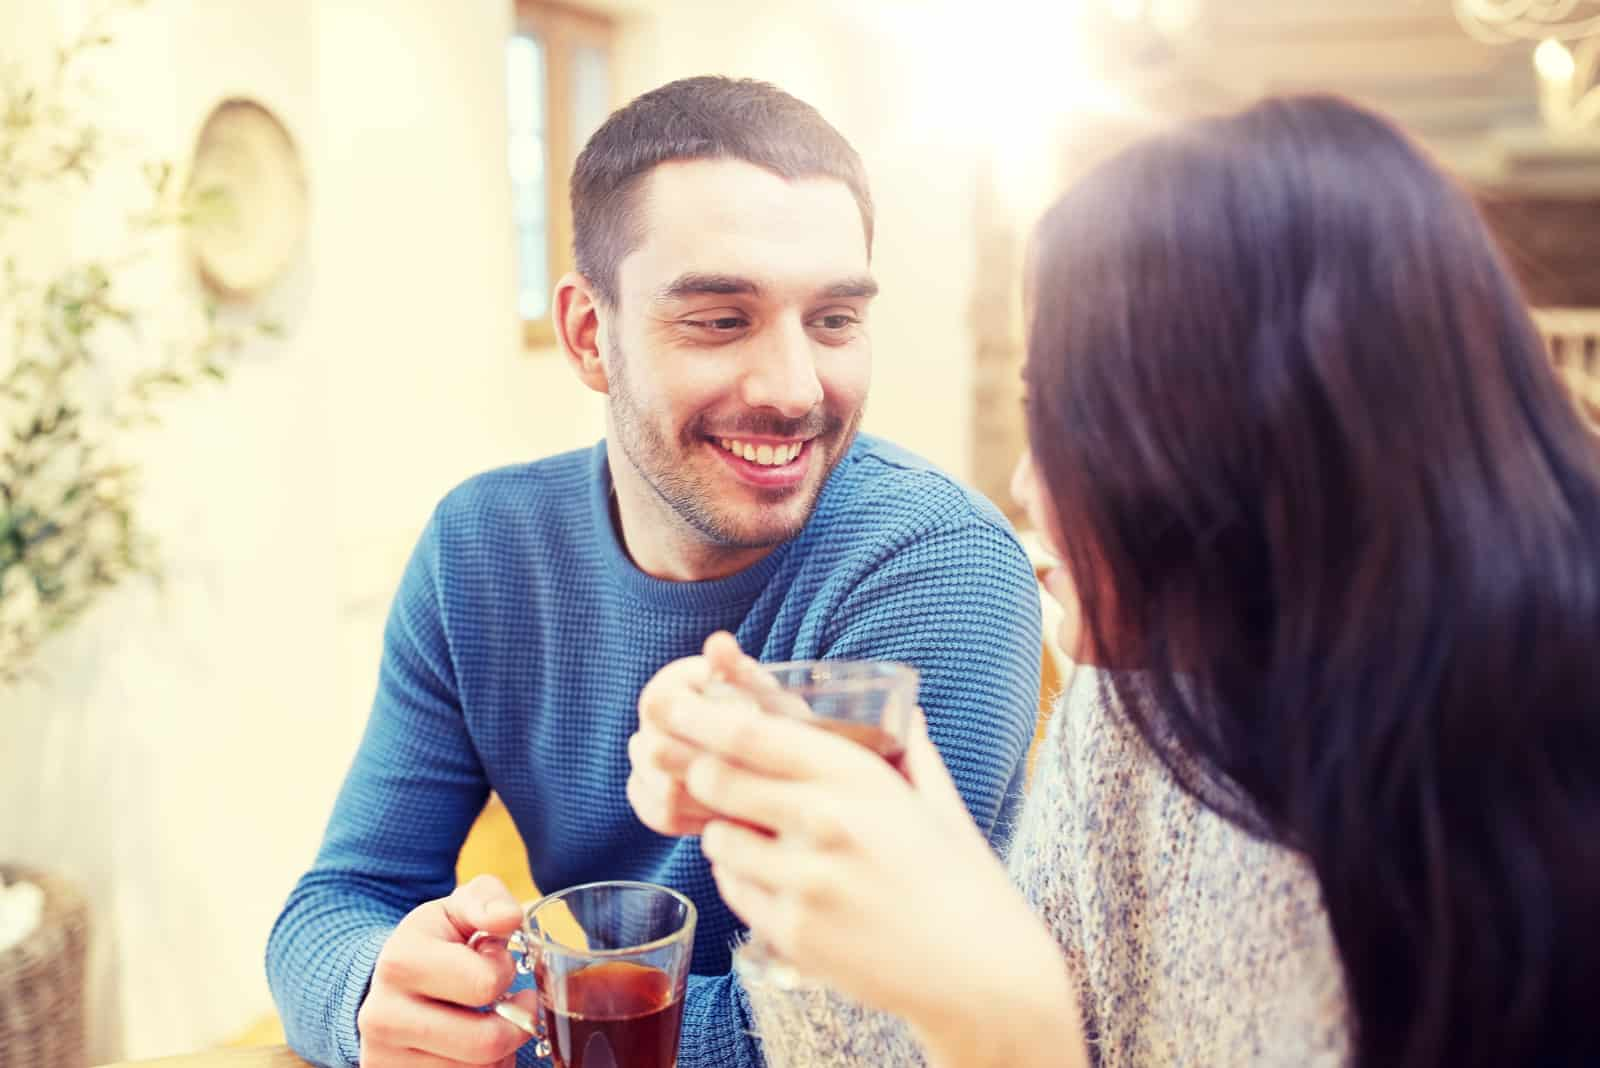 Ein liebevolles Paar bei einem Date in einem Café, das Tee trinkt und redet